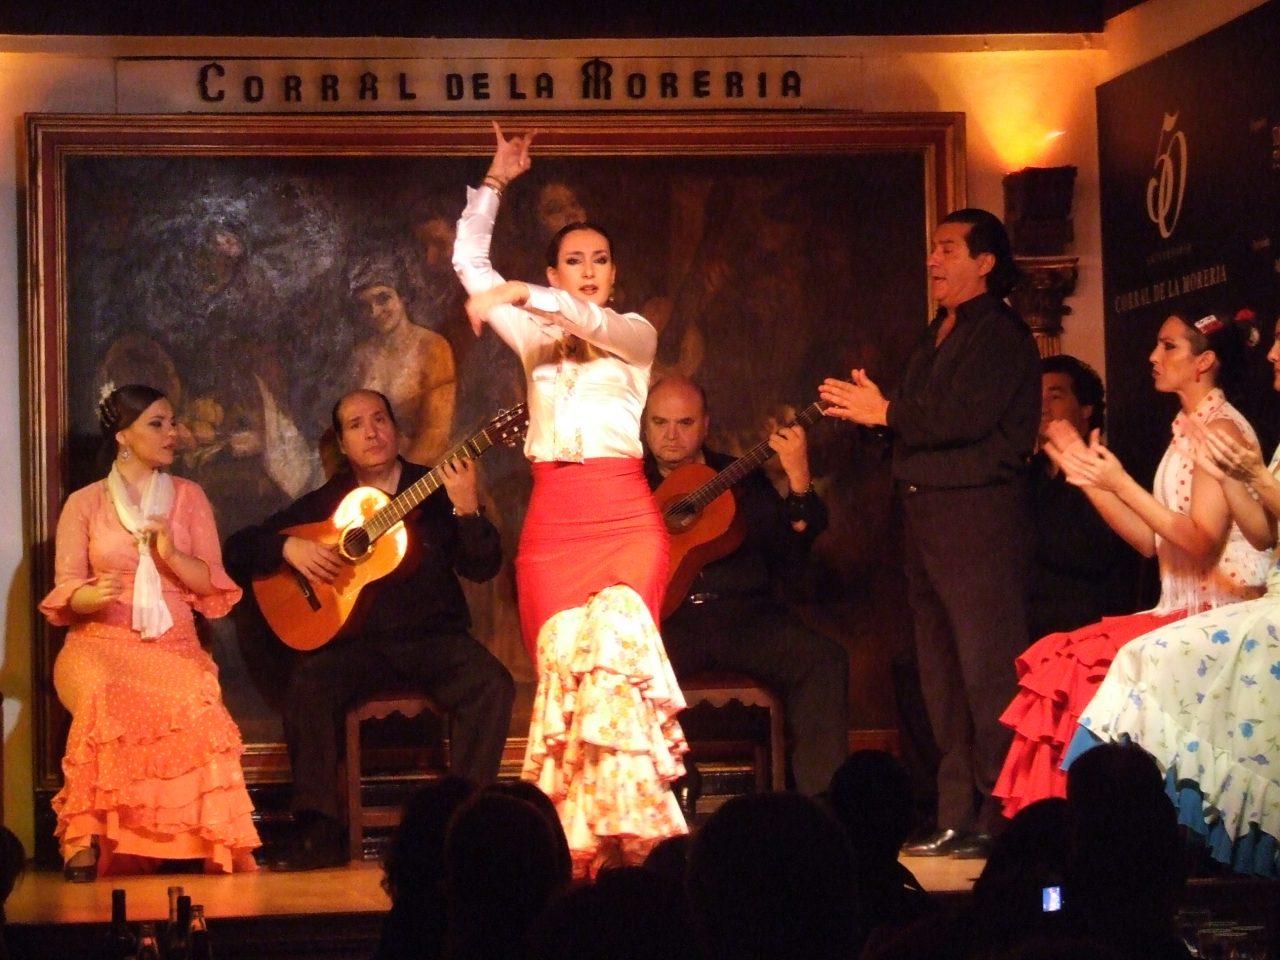 Ivana Dukčević - Tablao flamenco Corral de la Moreria, Madrid (4)